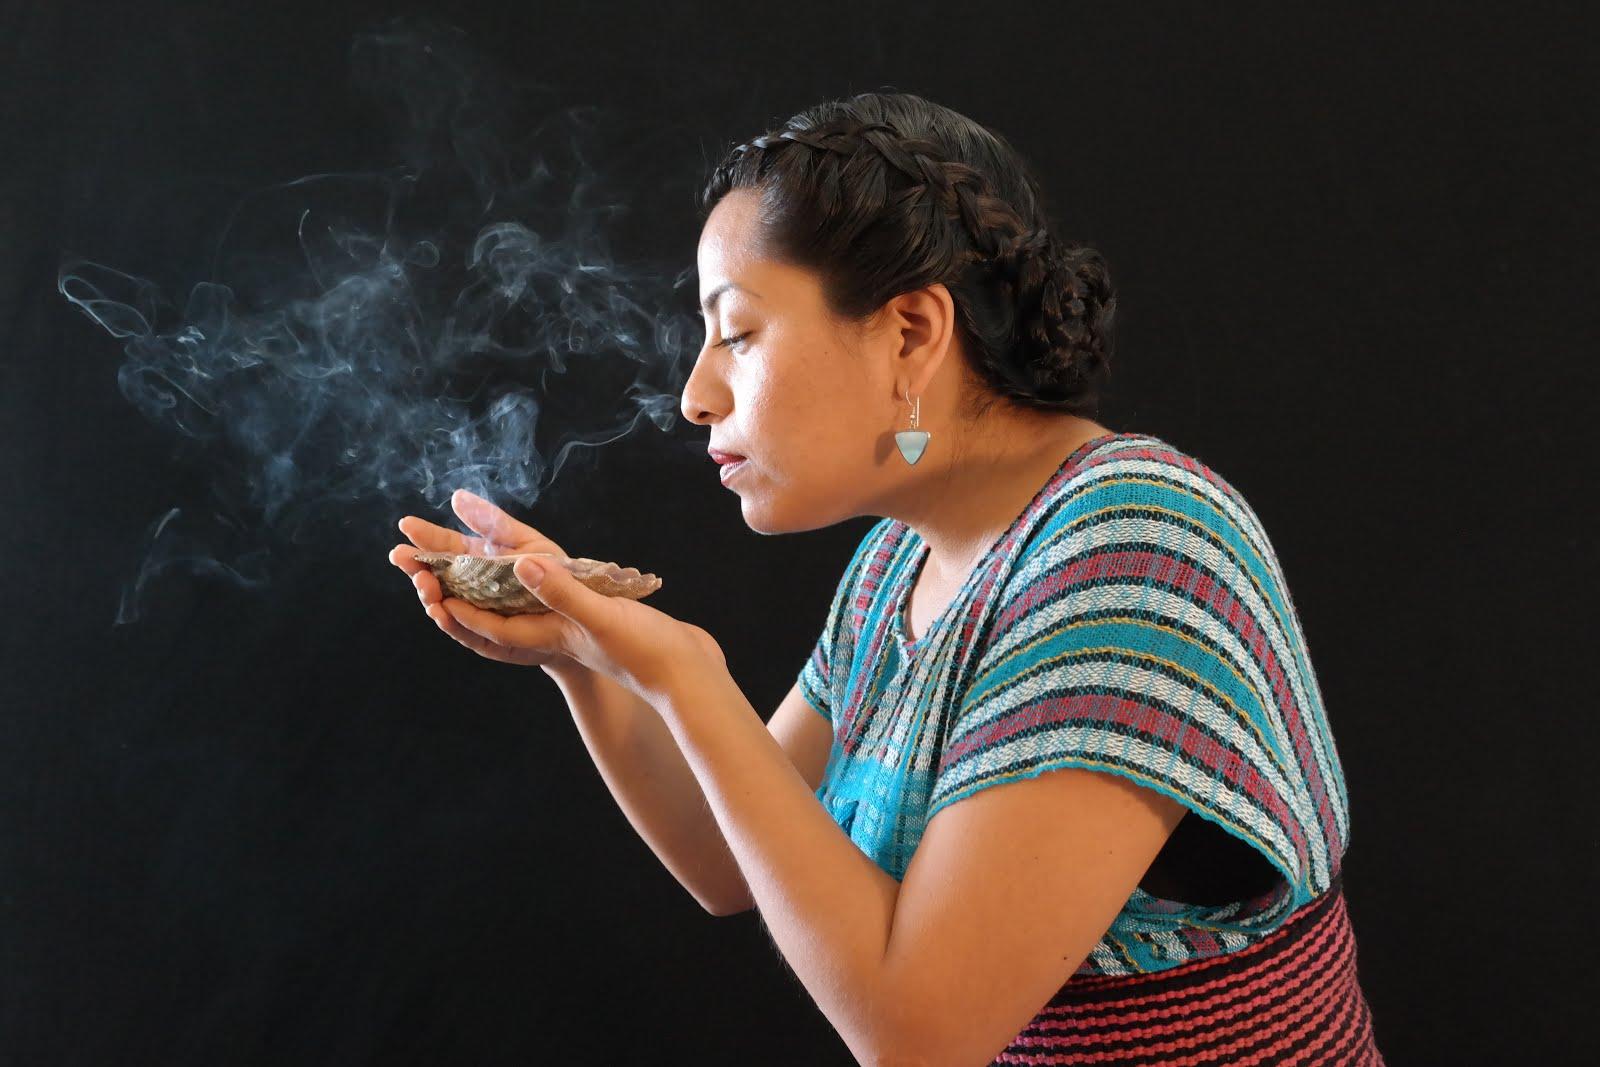 Terapeuta tradicional enfocada al uso de la Herbolaria, cuarzos y energía